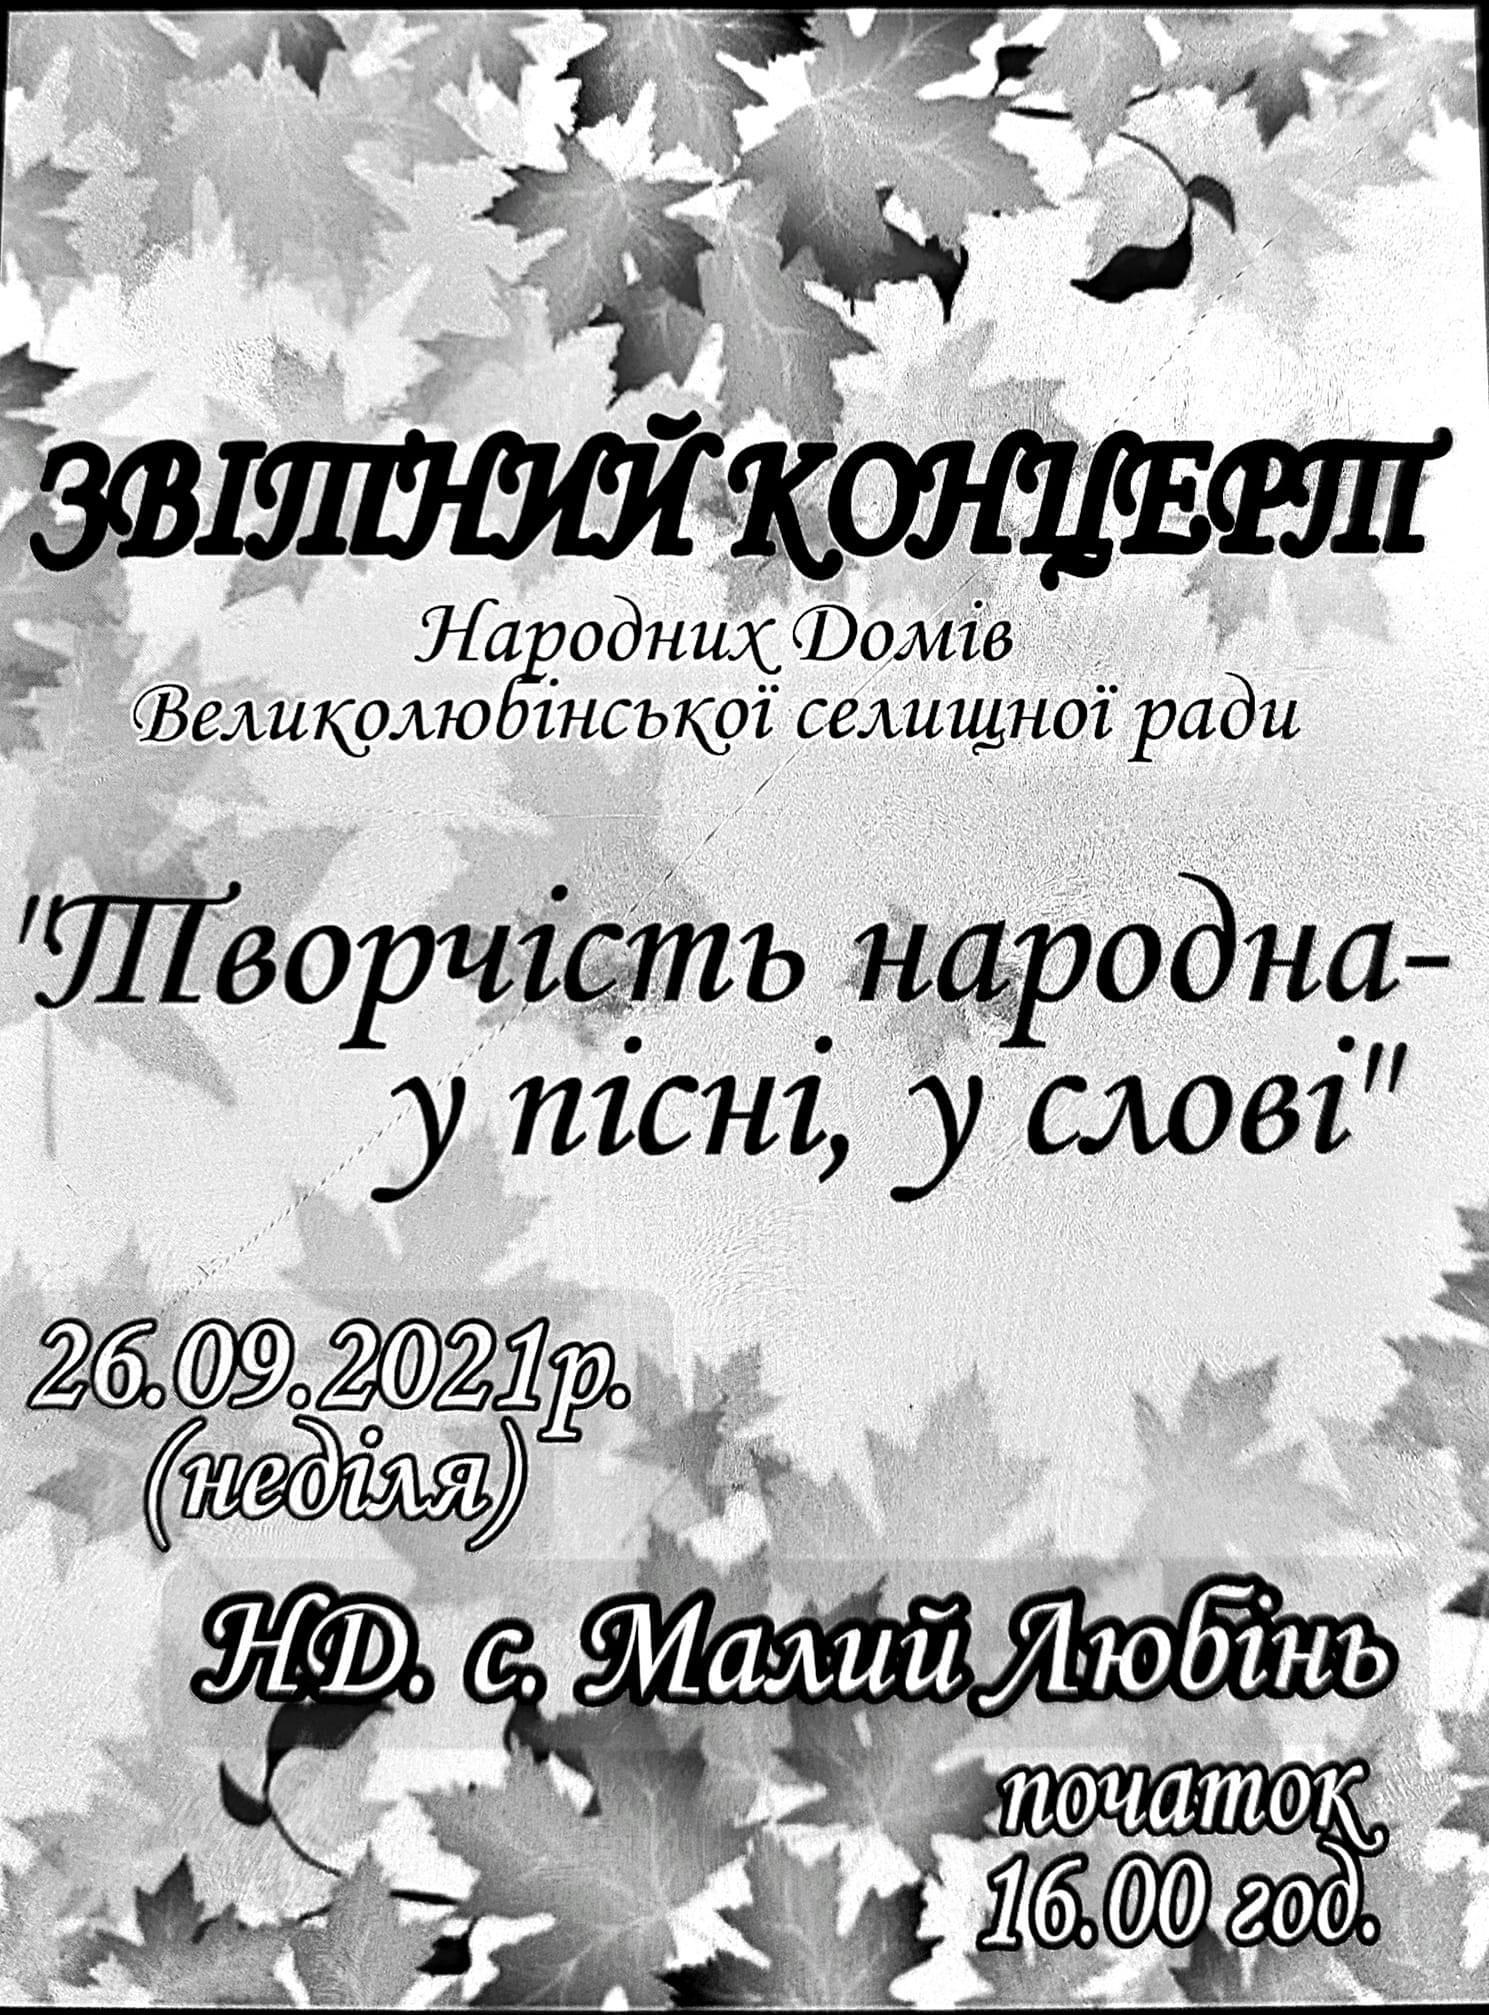 Запрошуємо усіх бажаючих на звітний концерт народних домів Великолюбінської селищної ради!